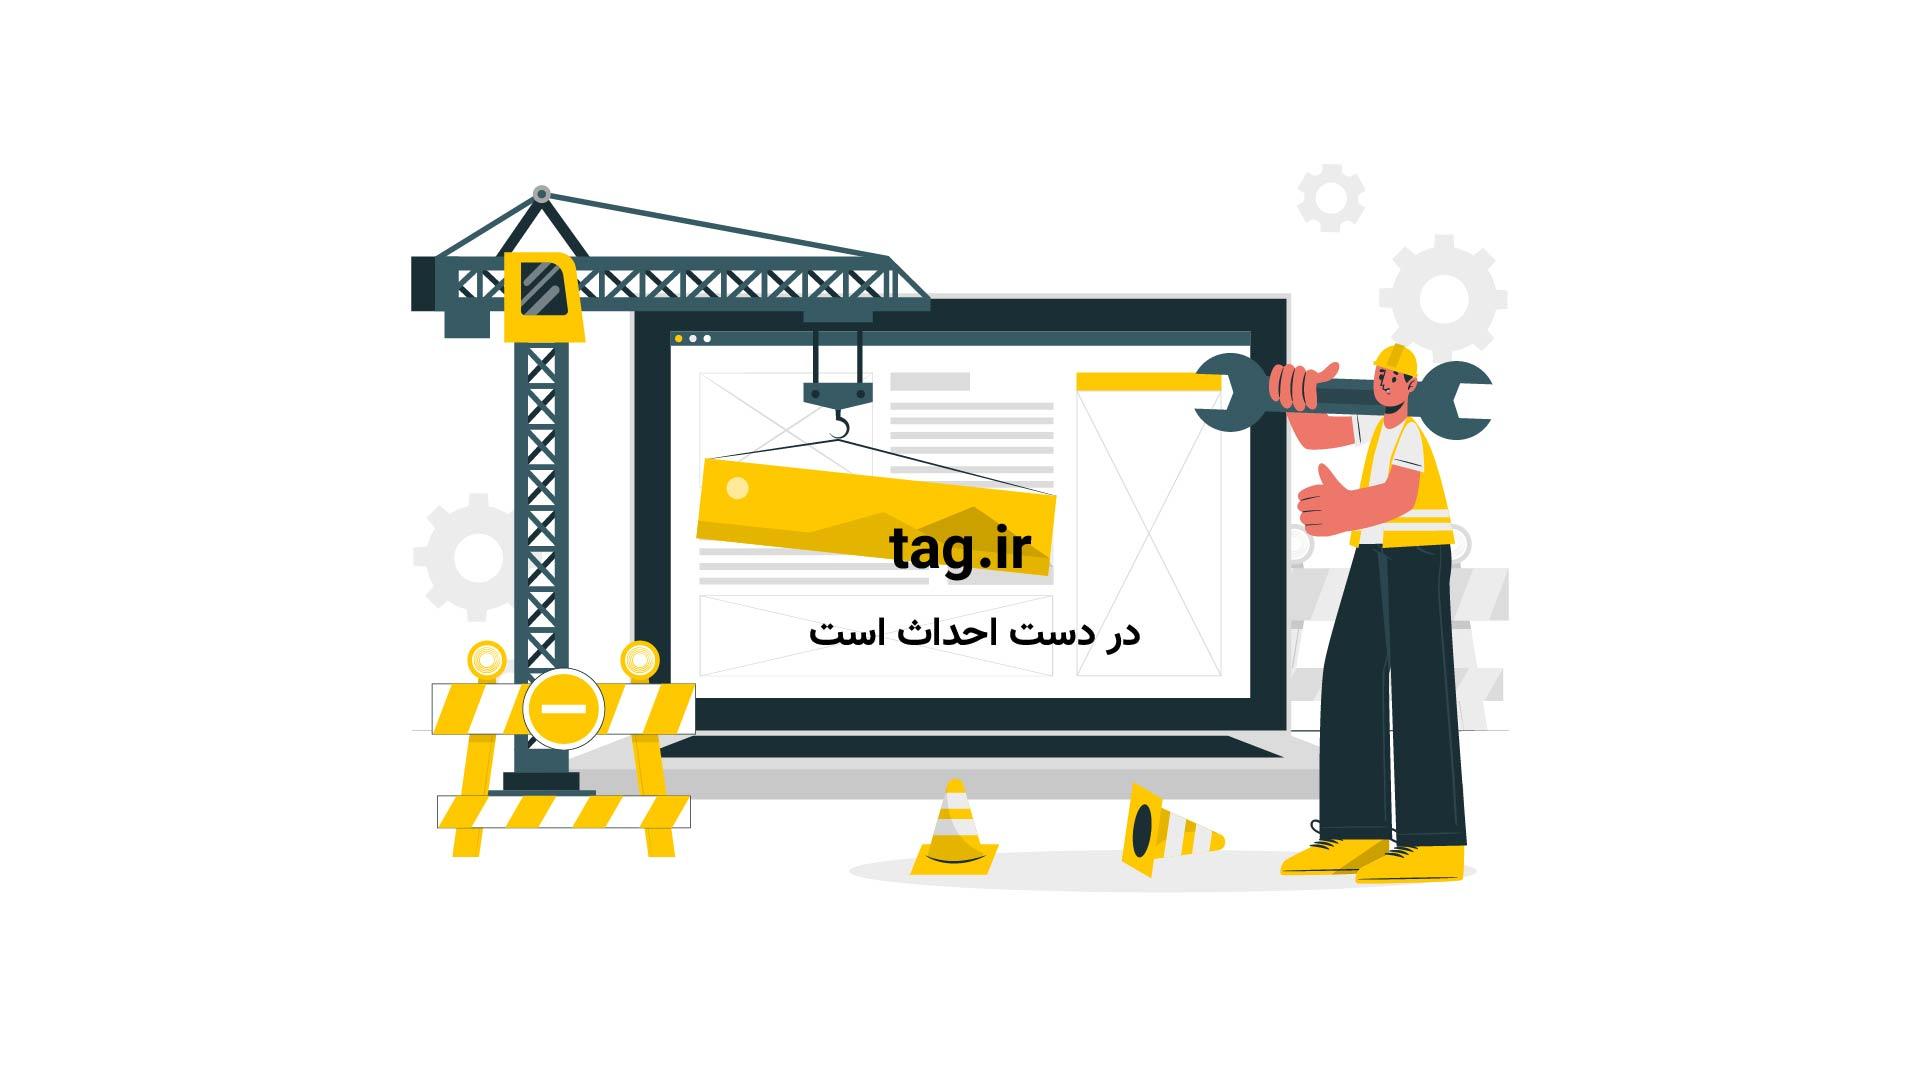 باغ وحش هفت بعدی در ژاپن|تگ